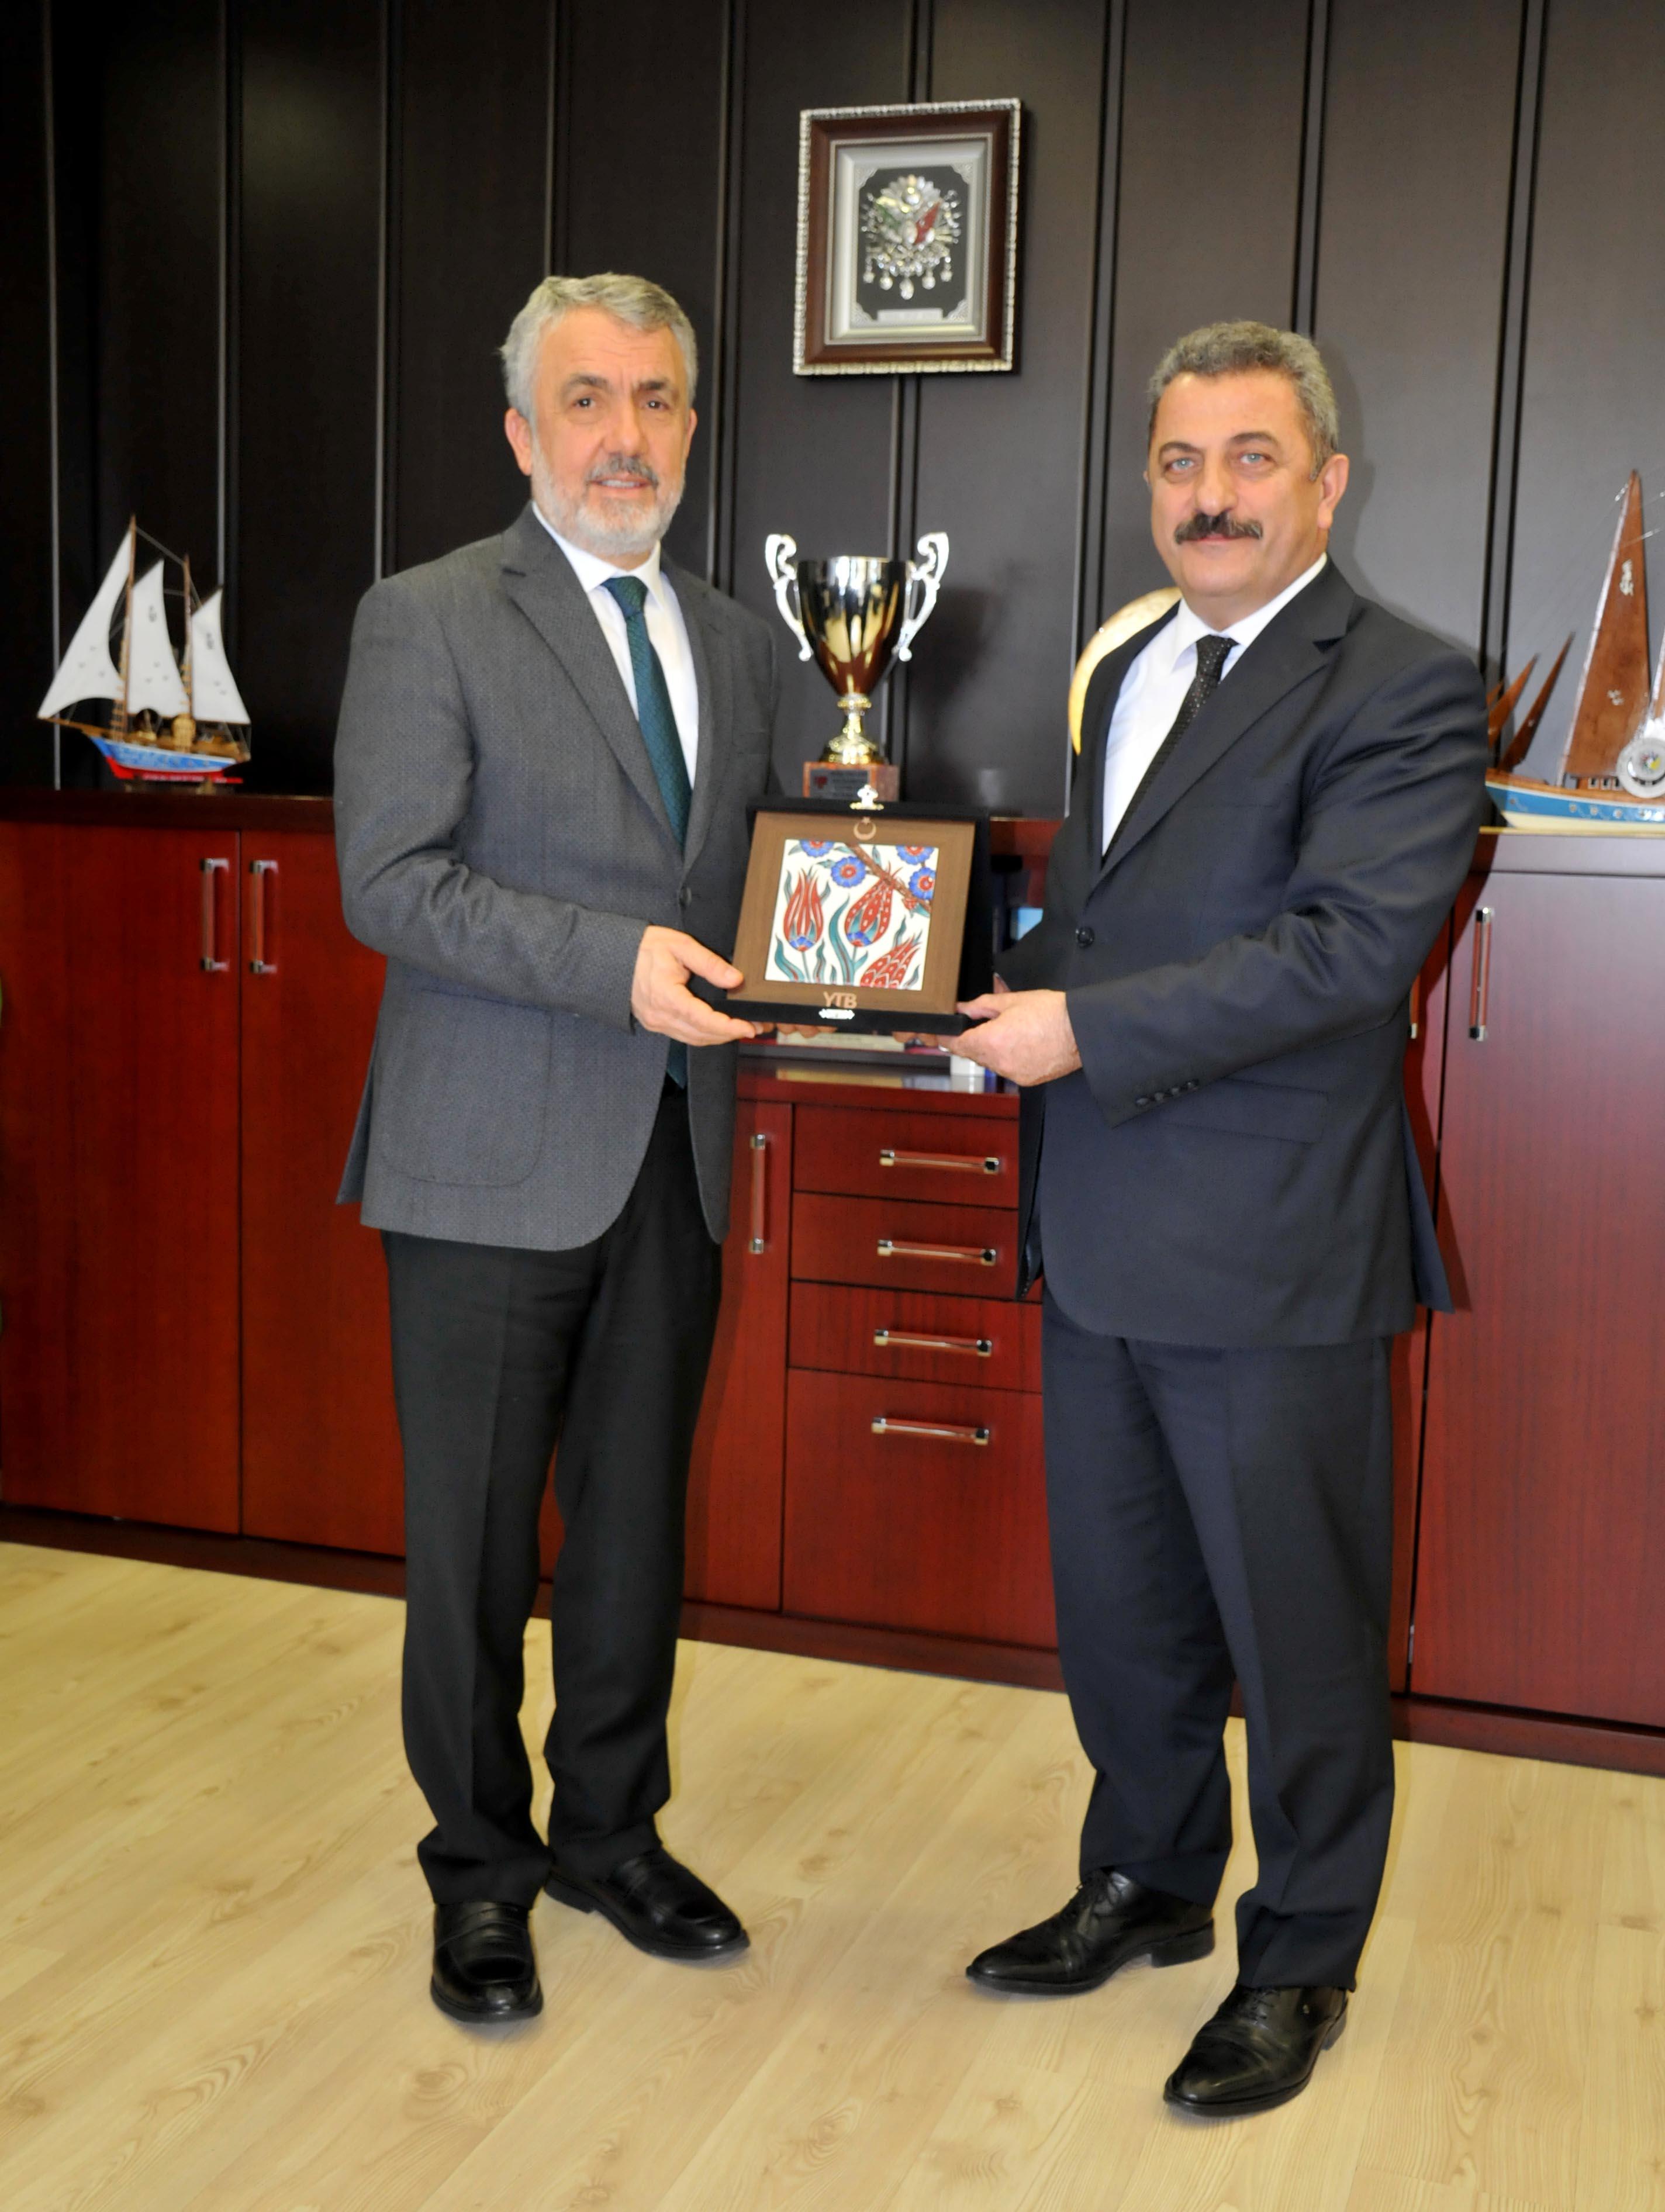 http://www.omu.edu.tr/sites/default/files/files/rektor_bilgic_yurt_disi_turkler_ve_akraba_topluluklar_baskanligi_heyetini_kabul_etti/dsc_0172.jpg